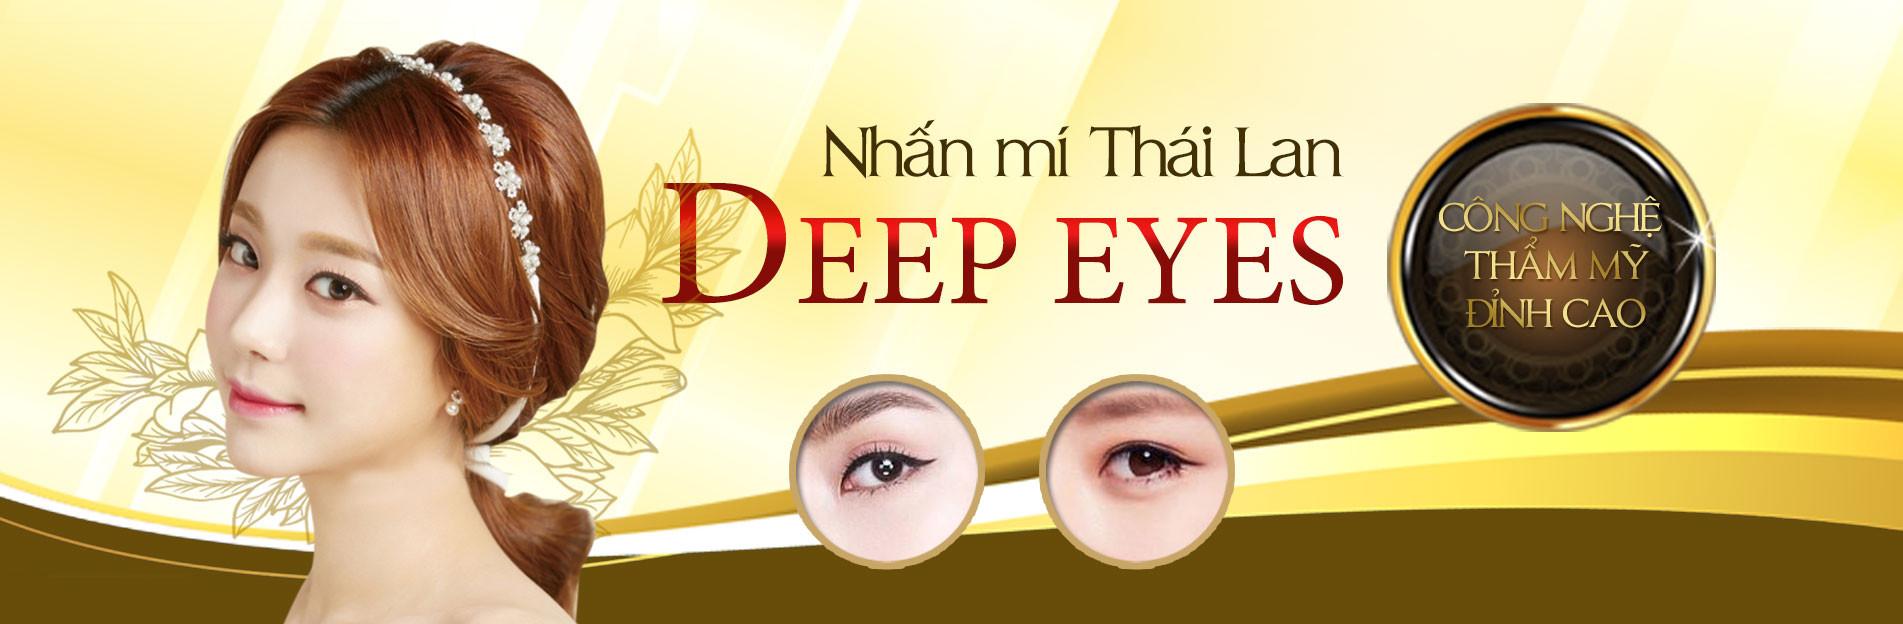 nhan mi thai lan deep eyes